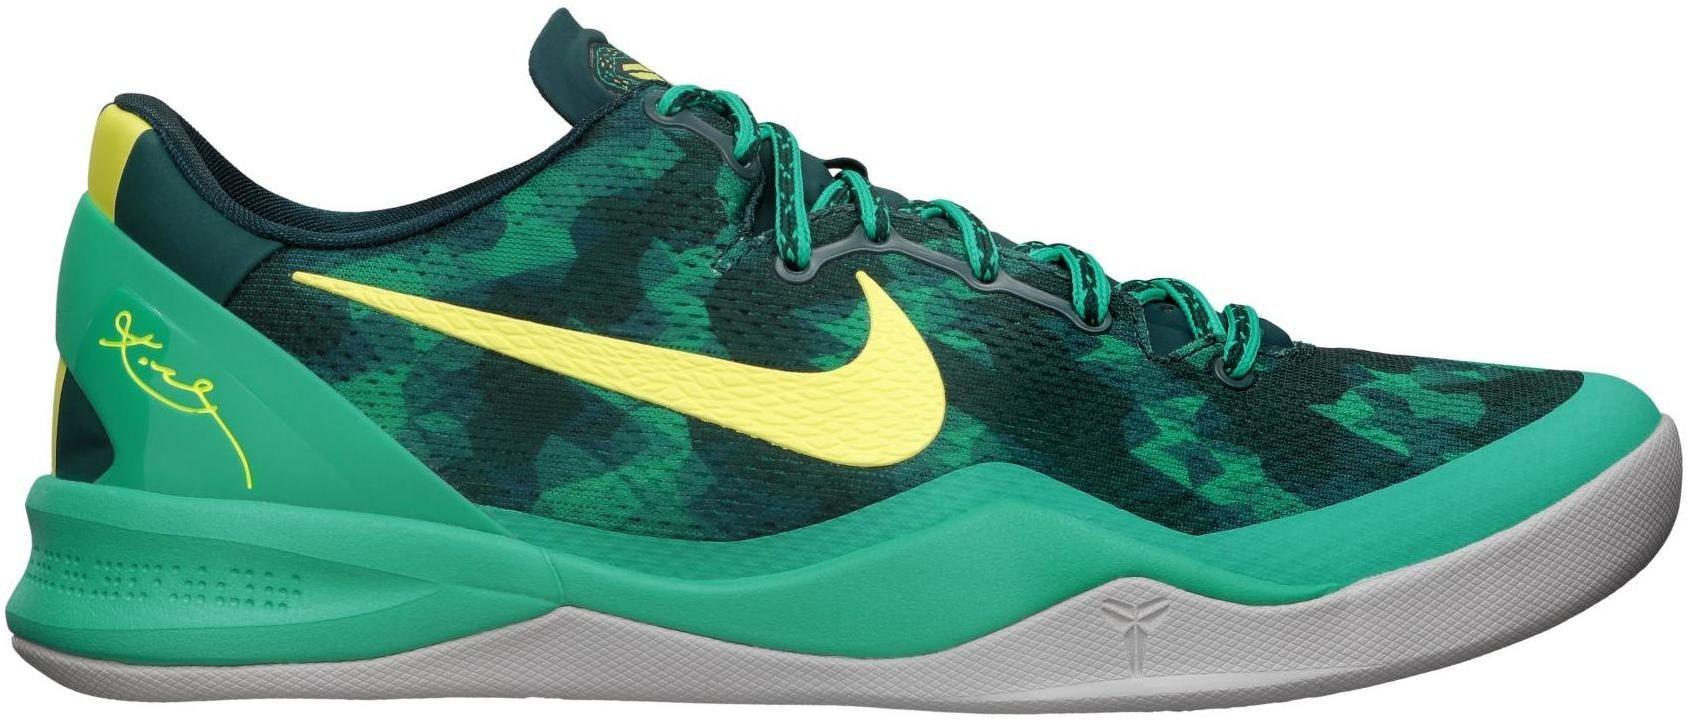 Kobe 8 green